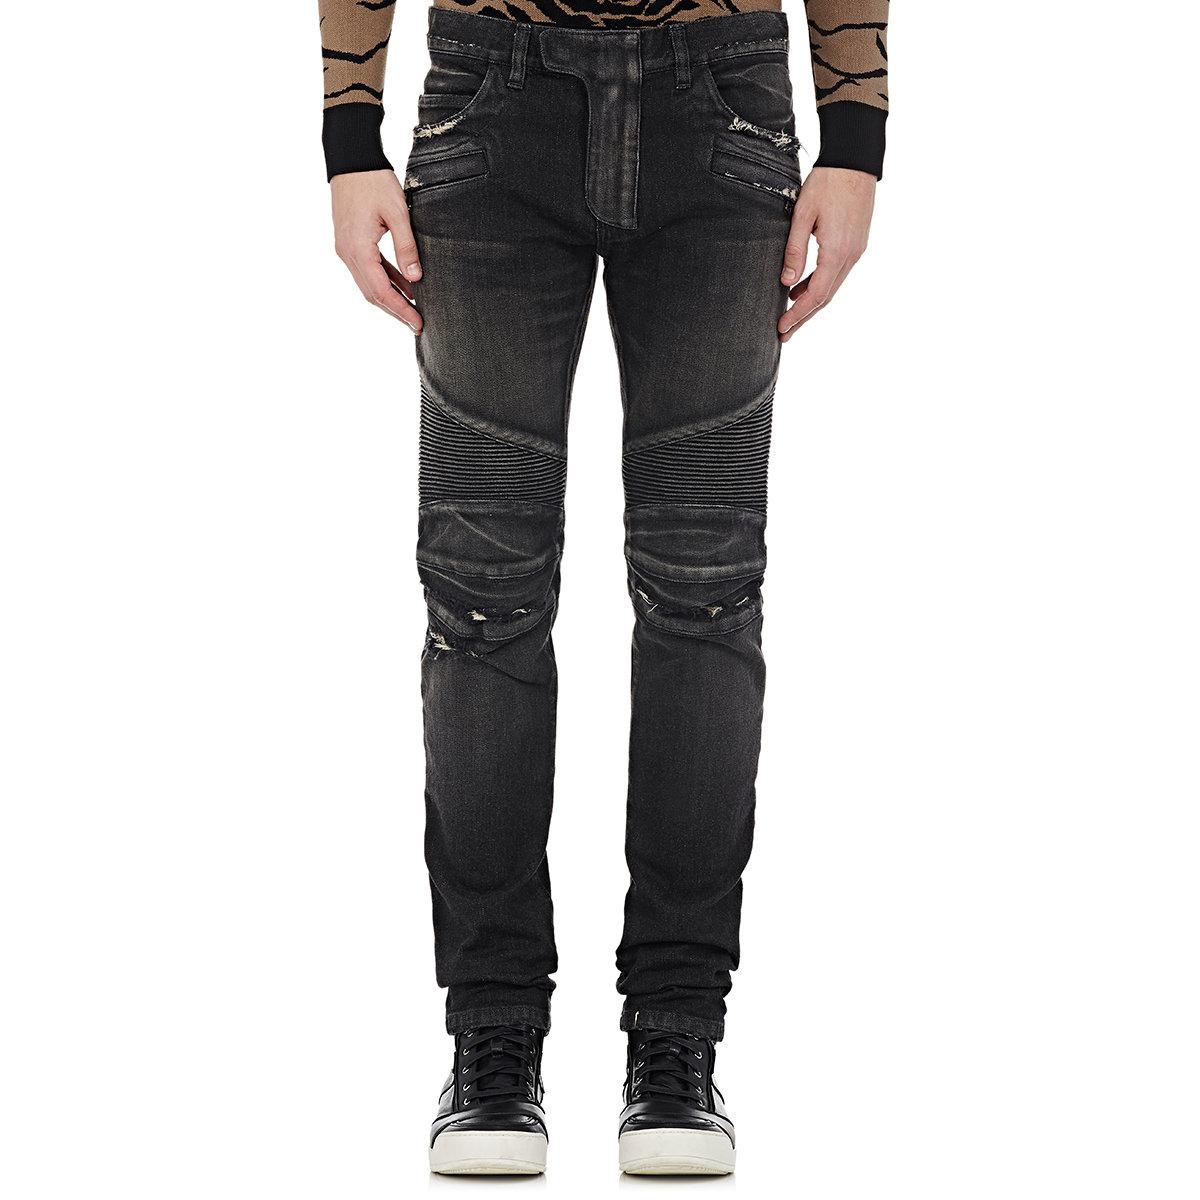 balmain biker jeans in black for men lyst. Black Bedroom Furniture Sets. Home Design Ideas